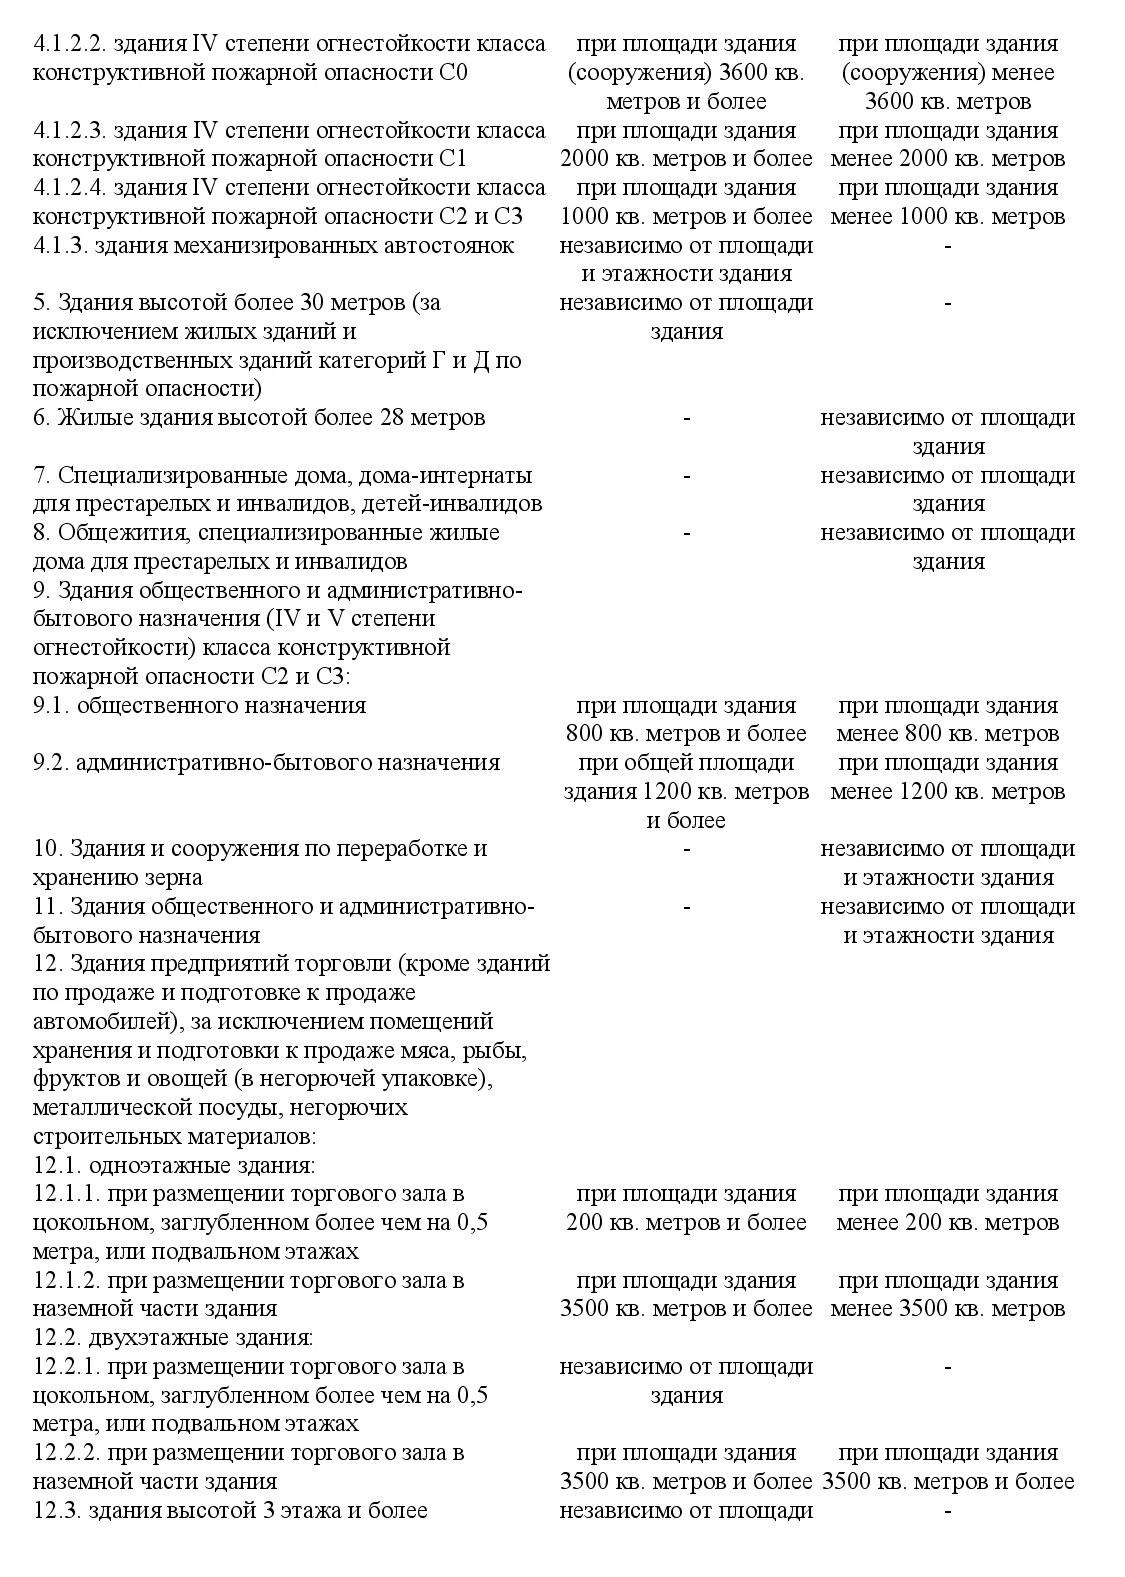 Постановление Правительства от 01.09.2021 №1464 1